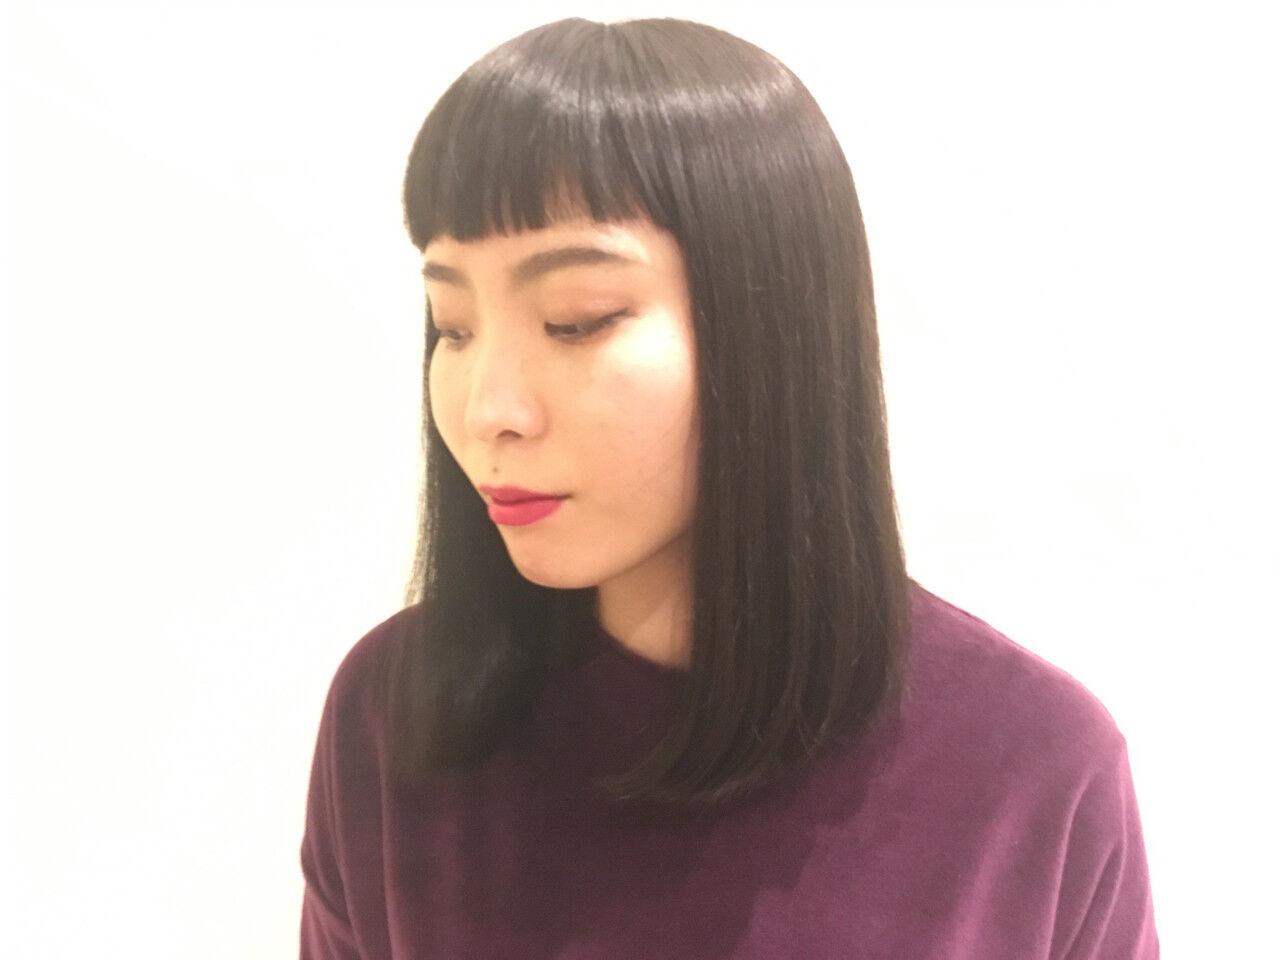 前下がり かっこいい ミディアム 切りっぱなしヘアスタイルや髪型の写真・画像